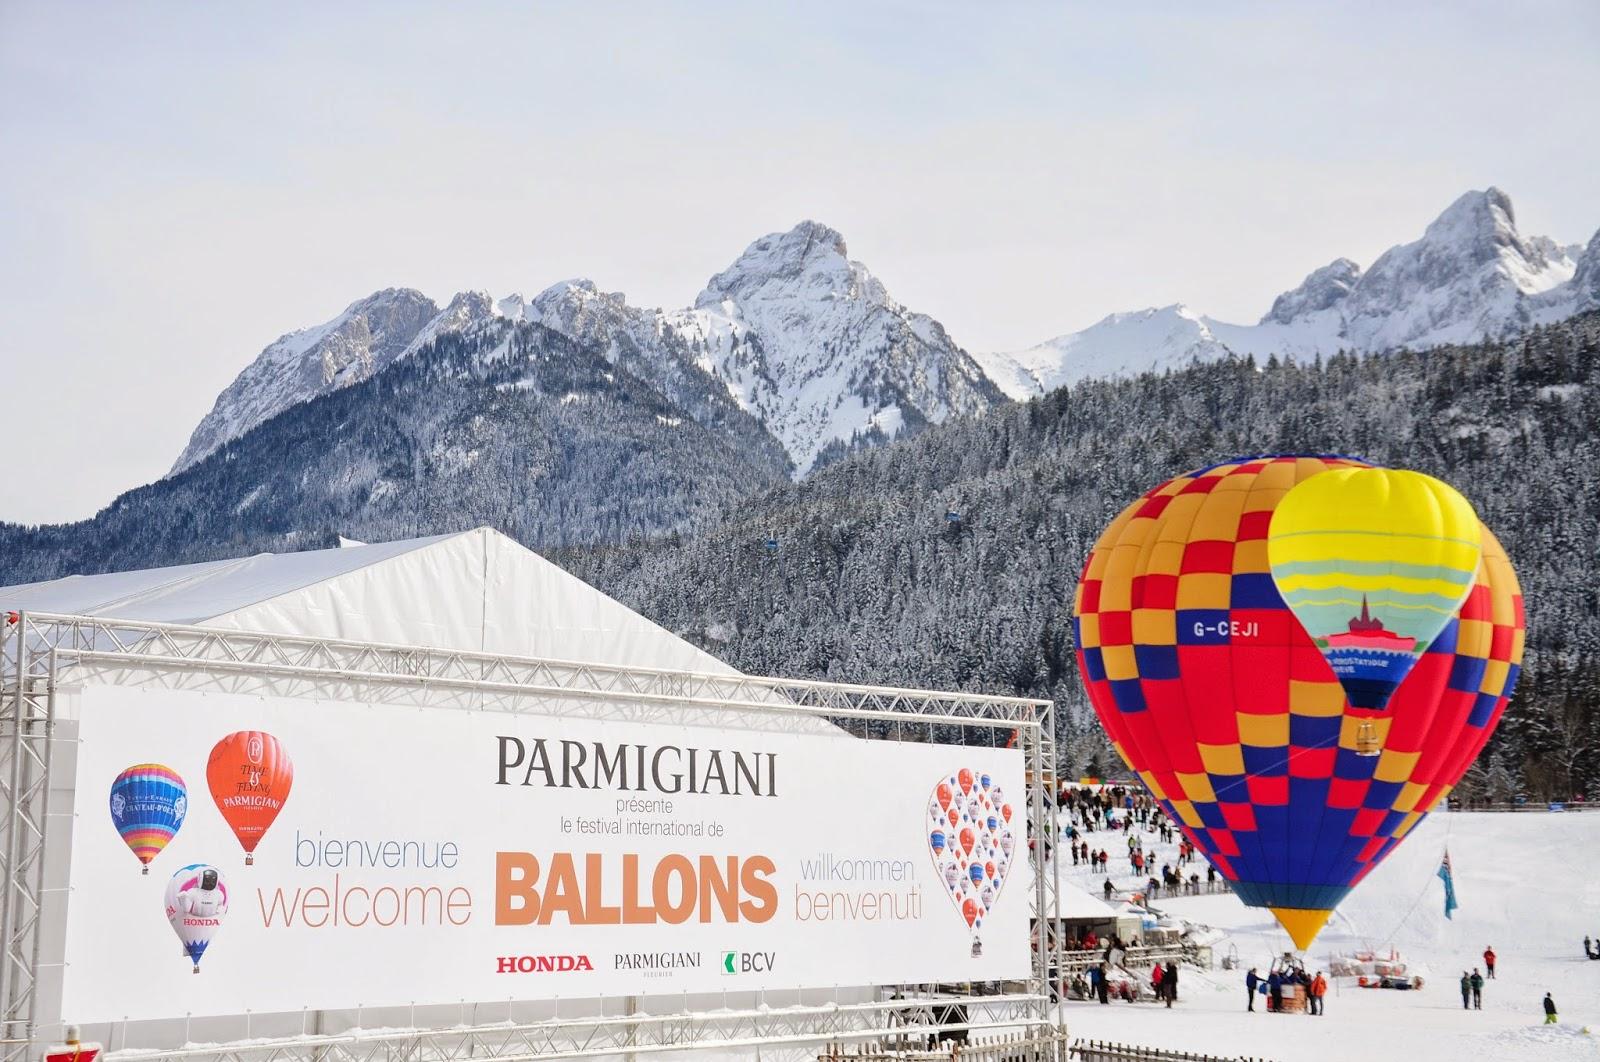 château d'oex festival ballons